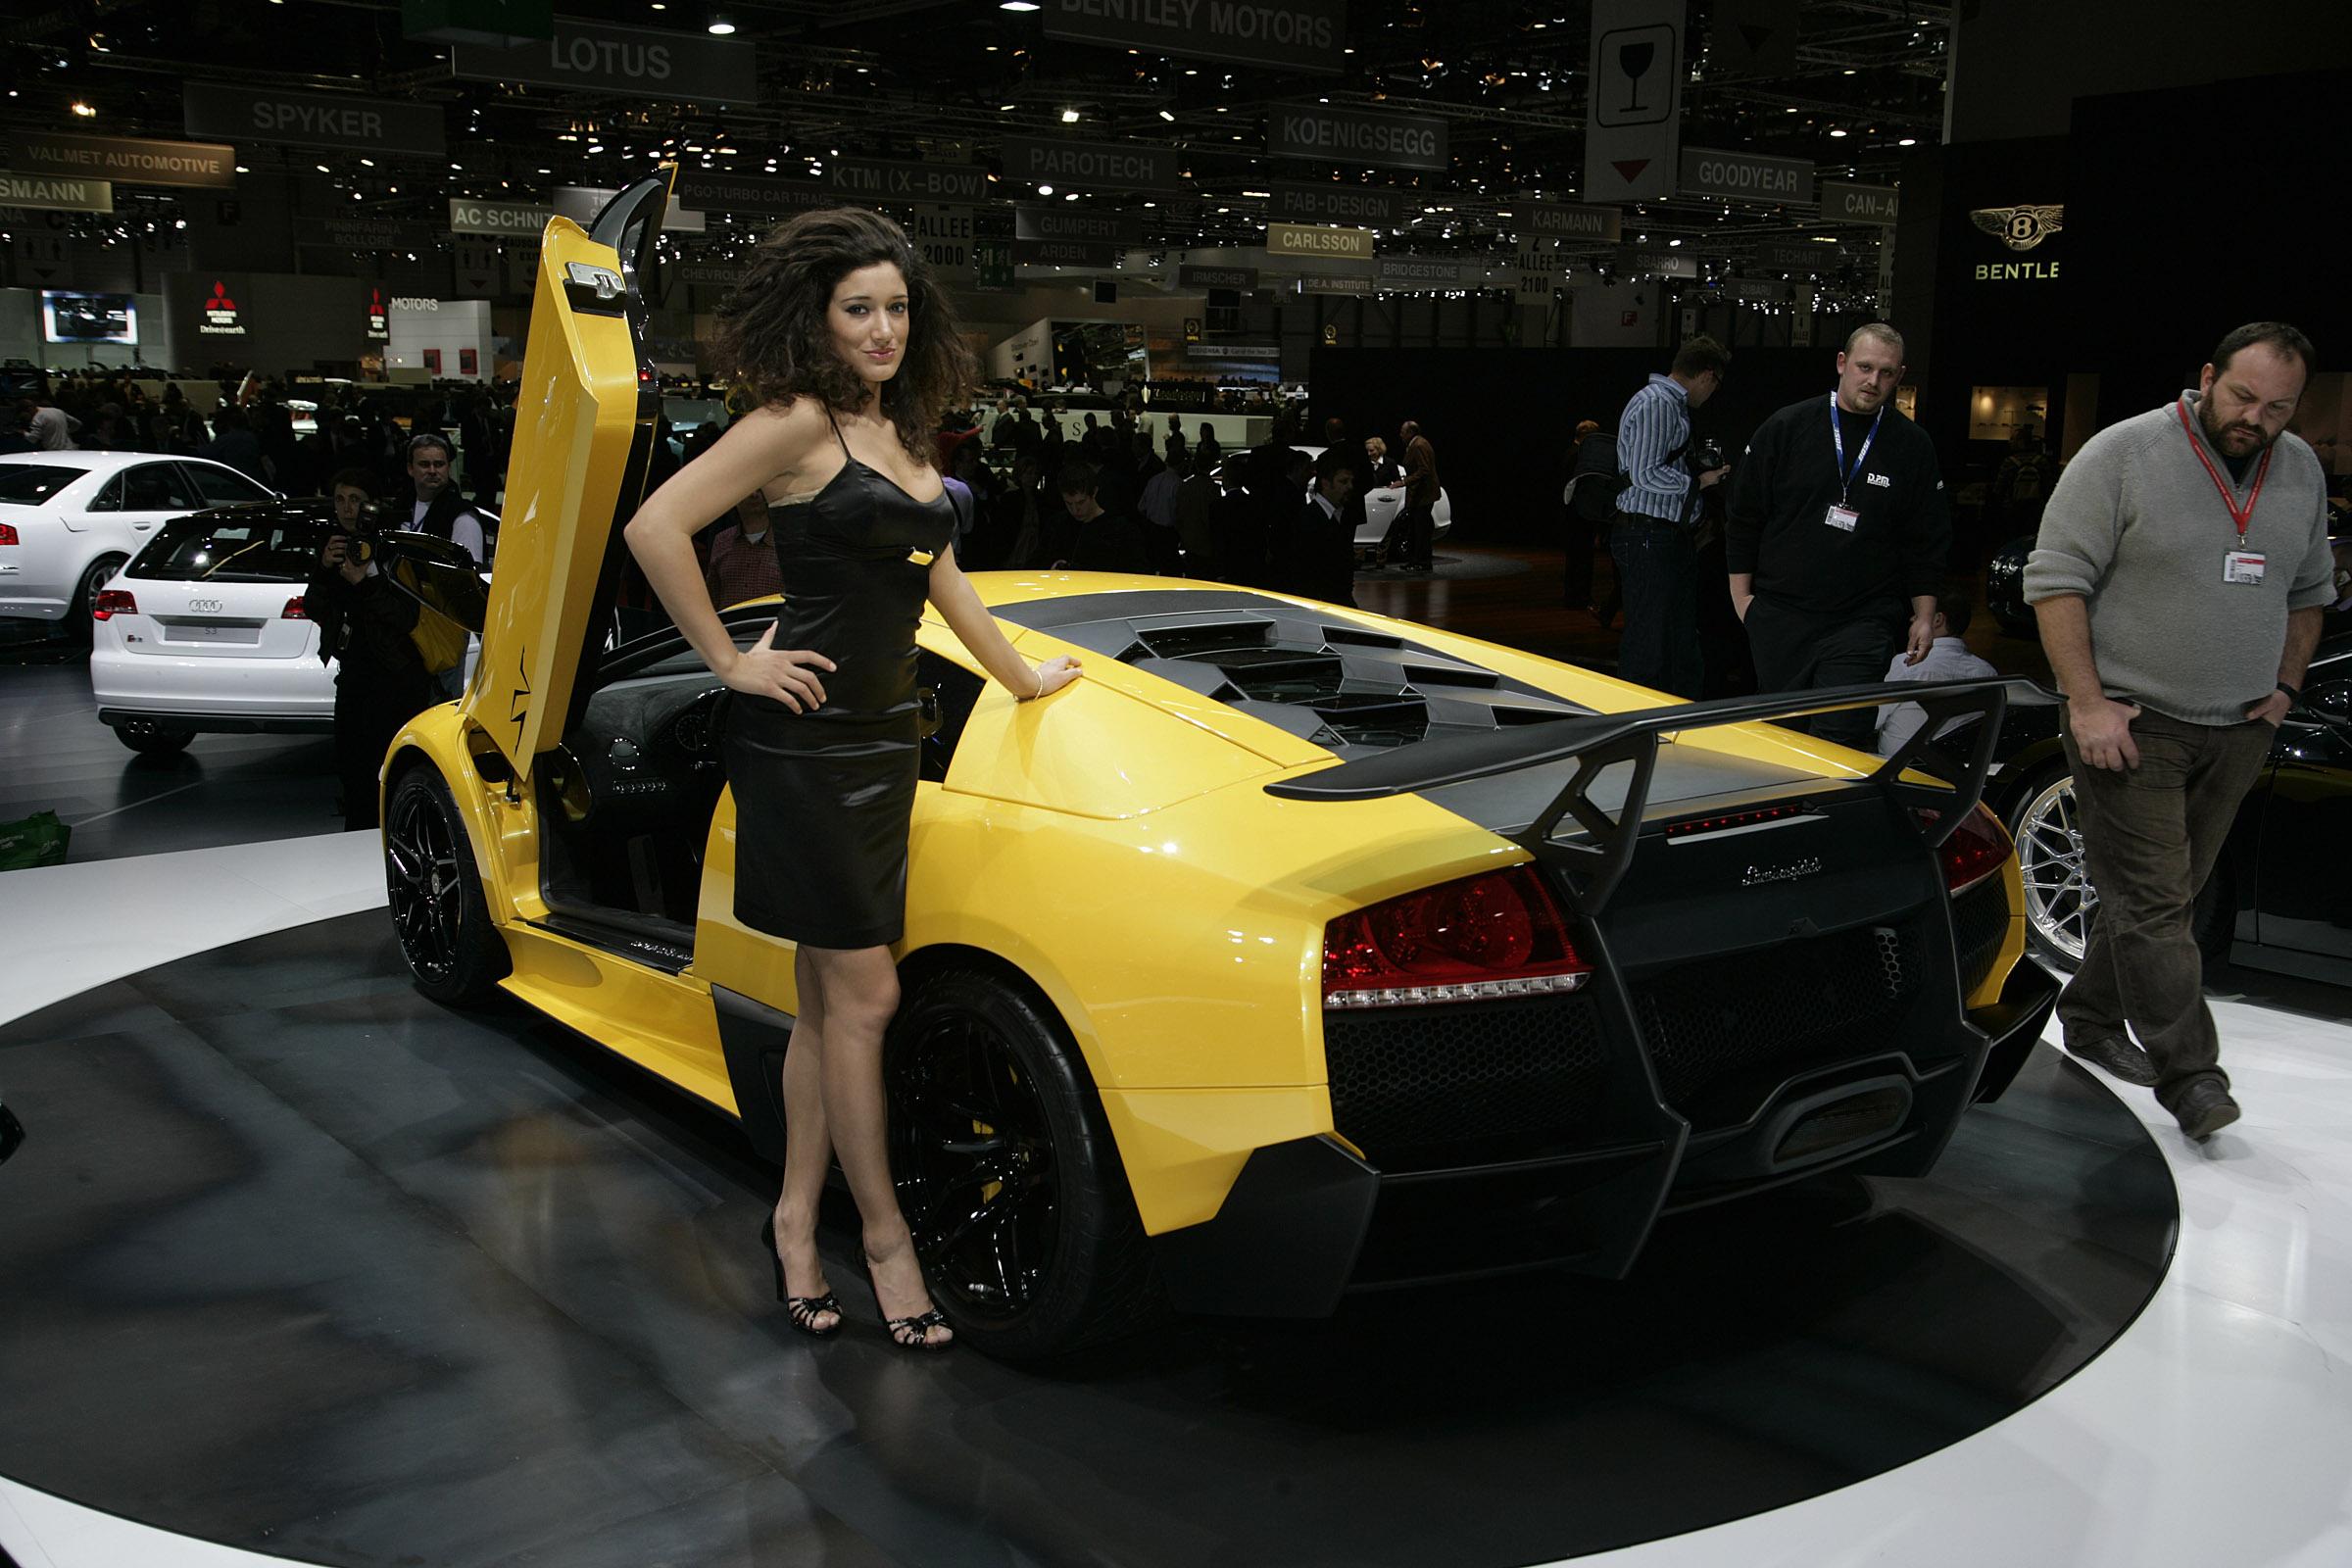 Lamborghini murcielago lp-670 4 superveloce geneva - 2009 - фотография №6